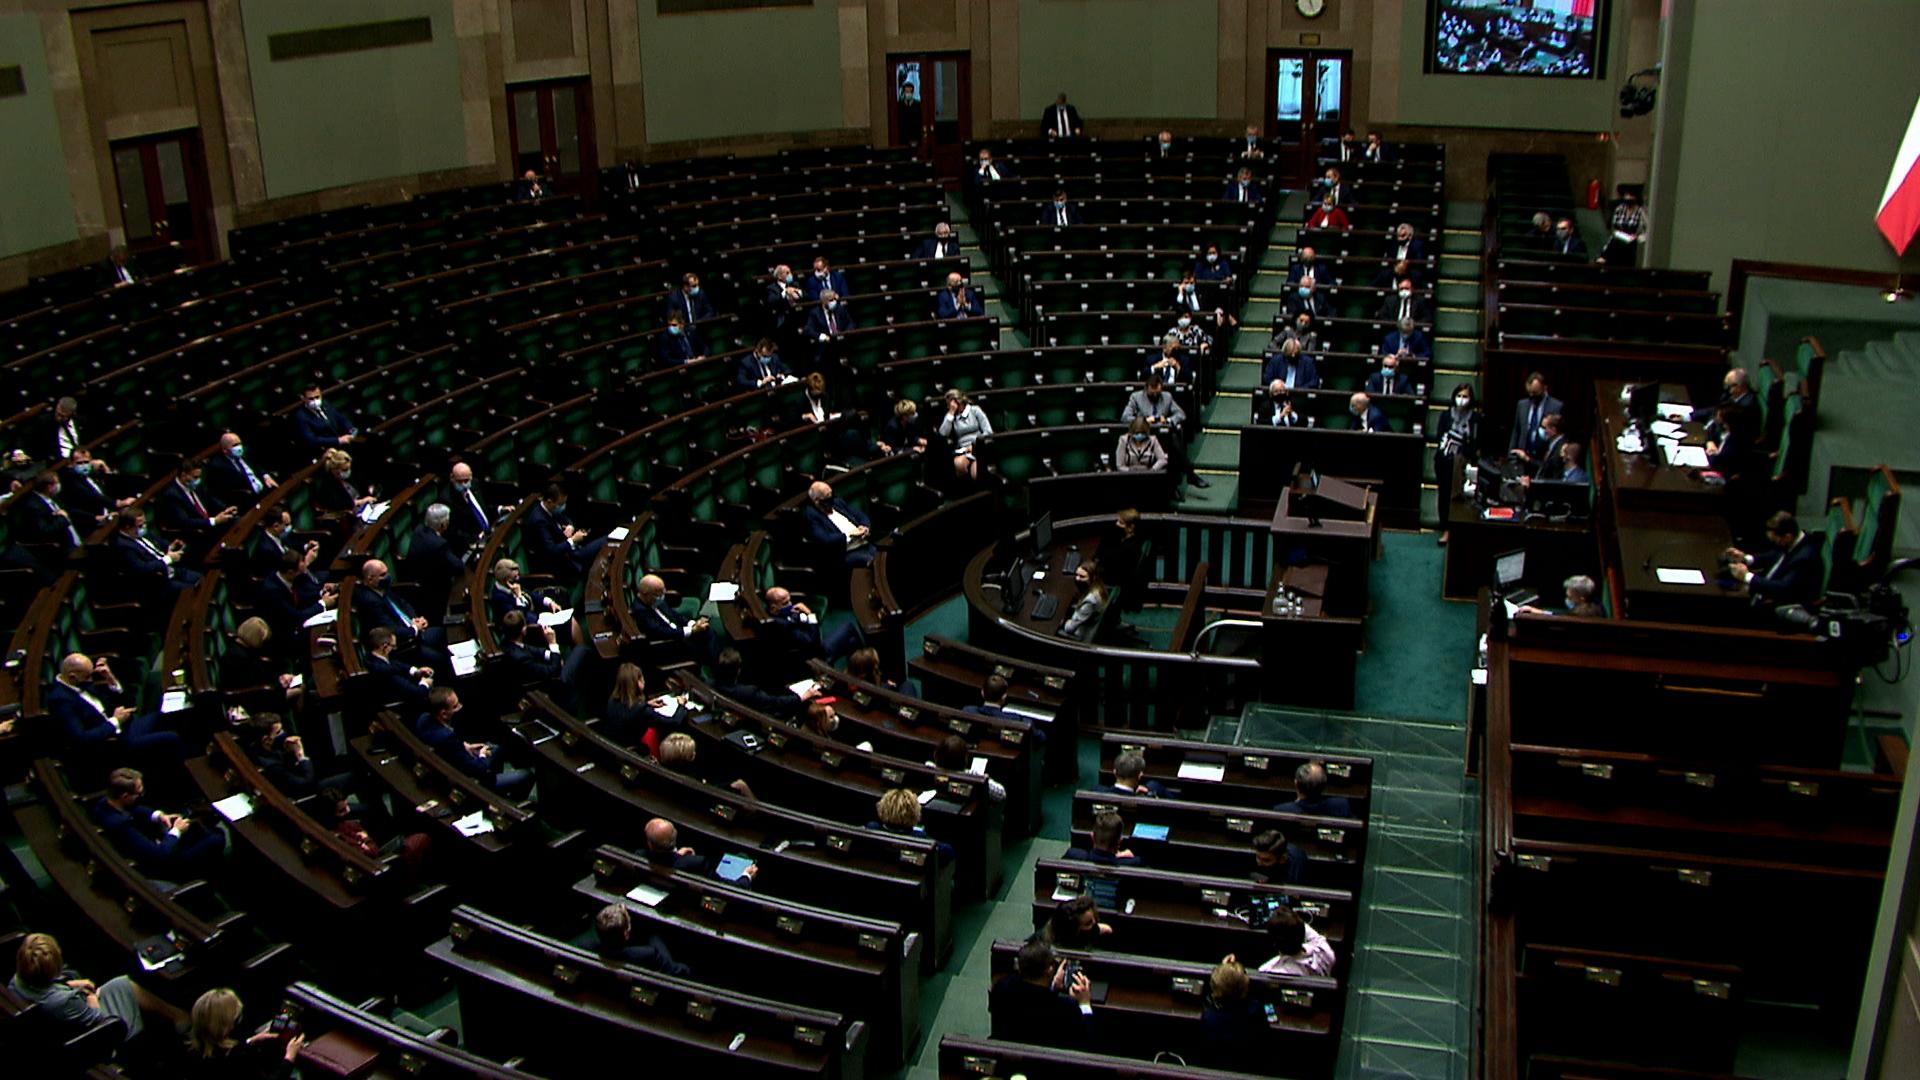 Rząd nie publikuje ustawy antycovidowej. Czeka na poprawkę